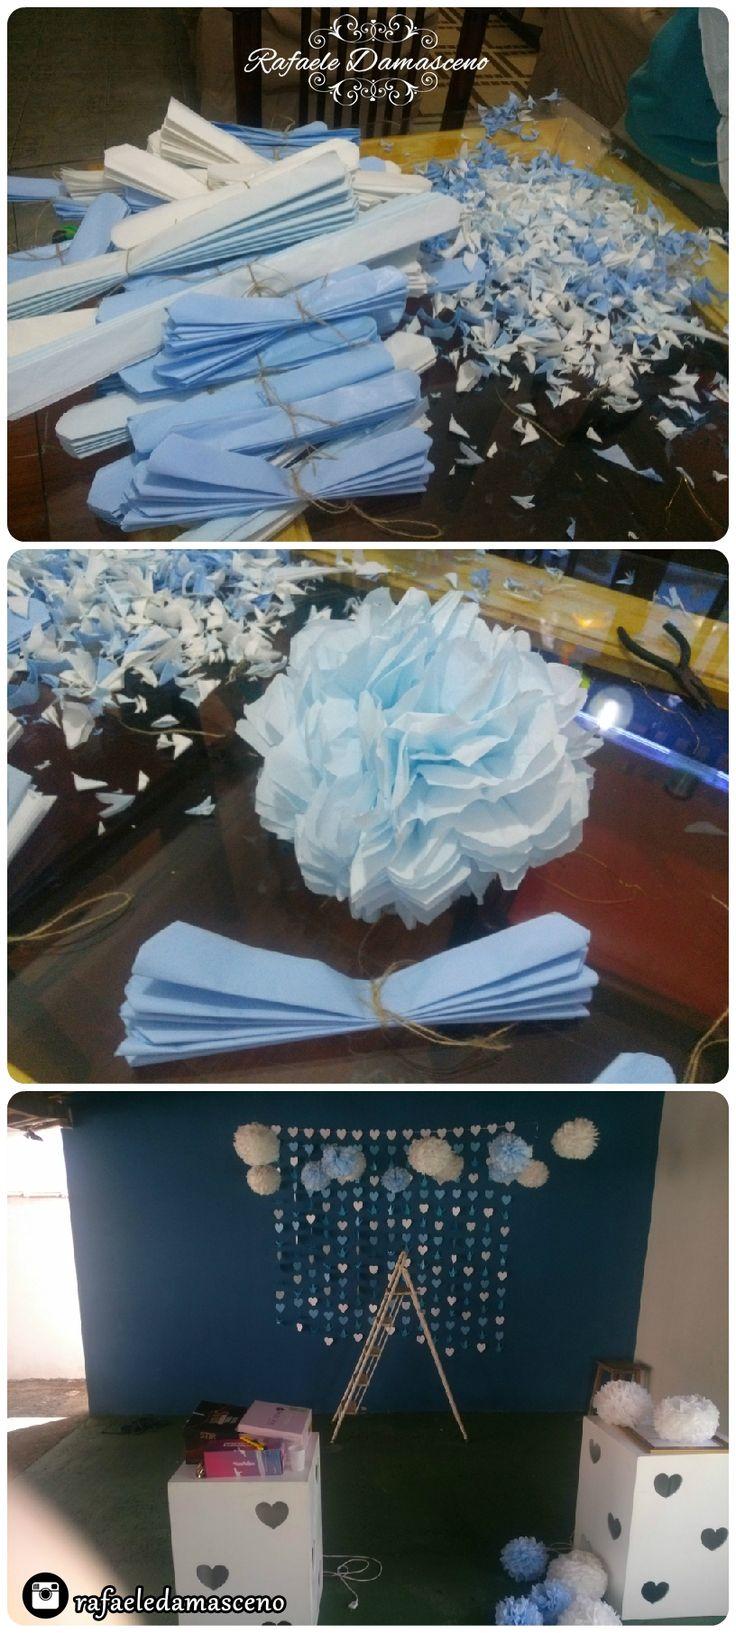 Bola de papel pom pom, feito com papel folha de seda, 10 folhas por pompom, amarrados acima da mesa com linha de nylon para pesca.